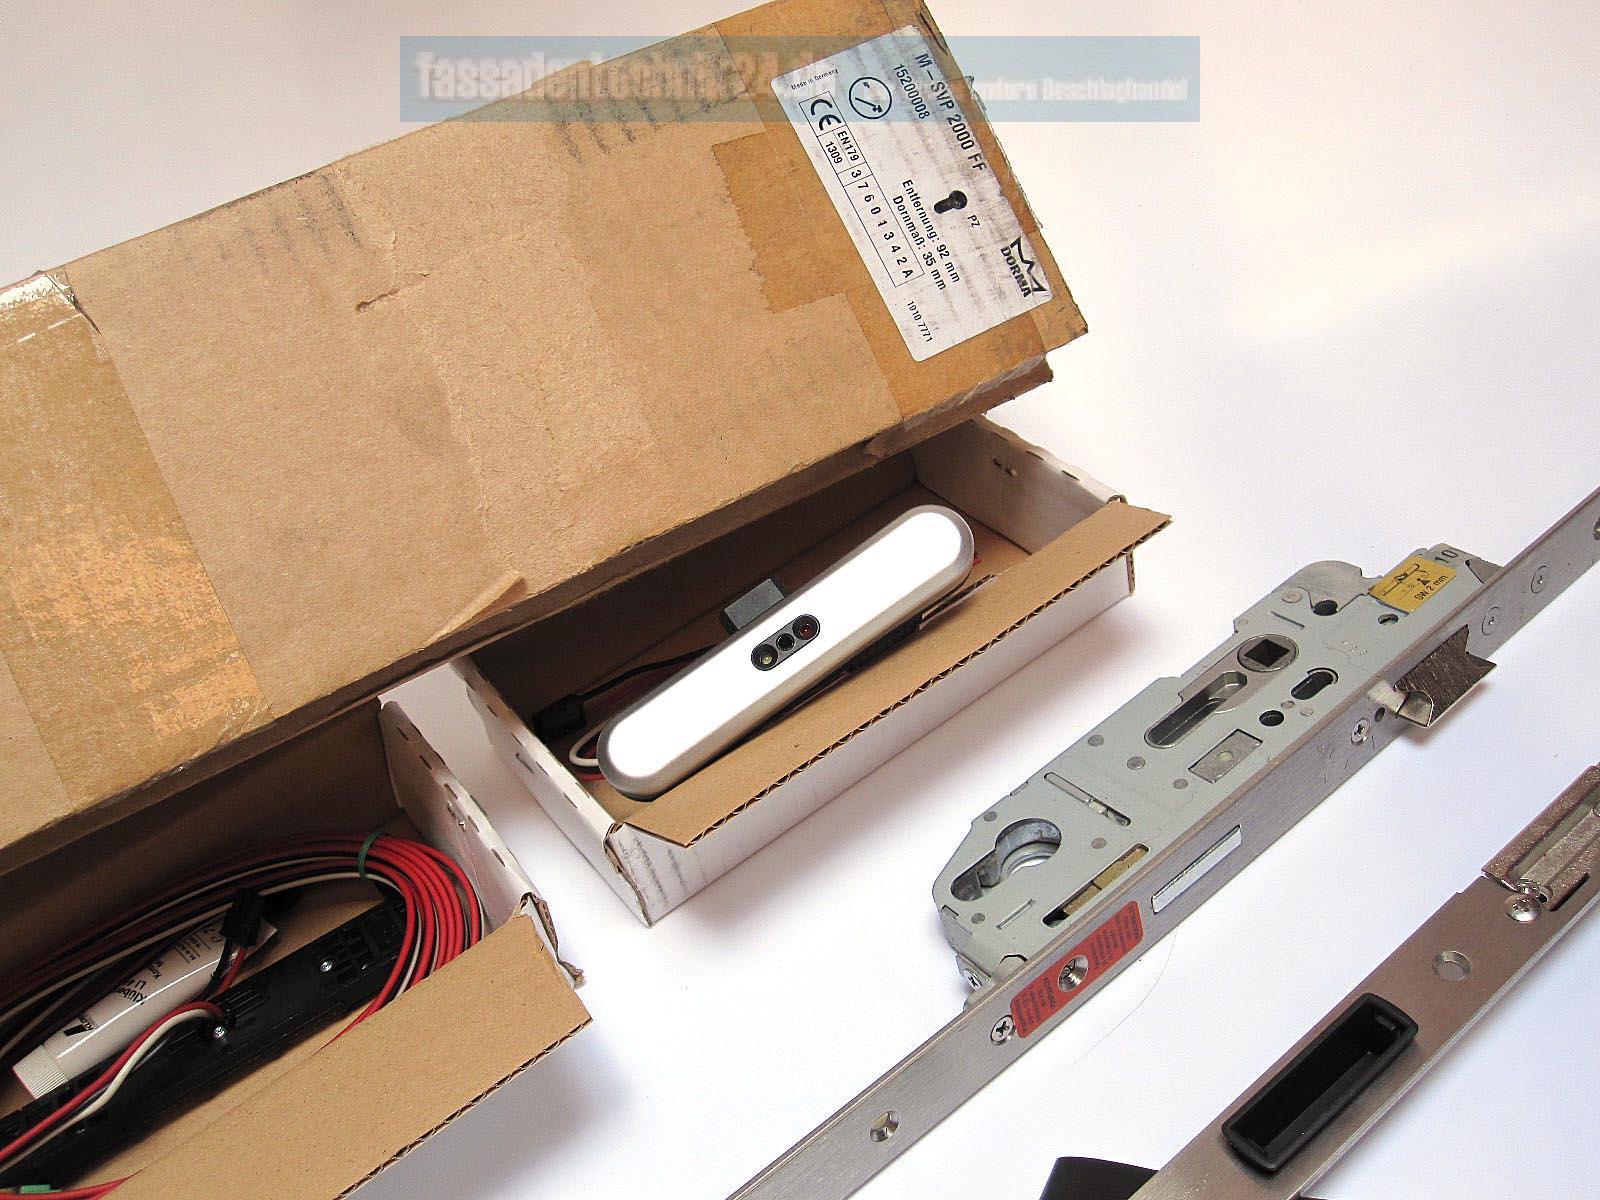 dorma antipanik motorschlo mit mehrpunktverriegelung m svp 2000 ff din ls 35d ebay. Black Bedroom Furniture Sets. Home Design Ideas